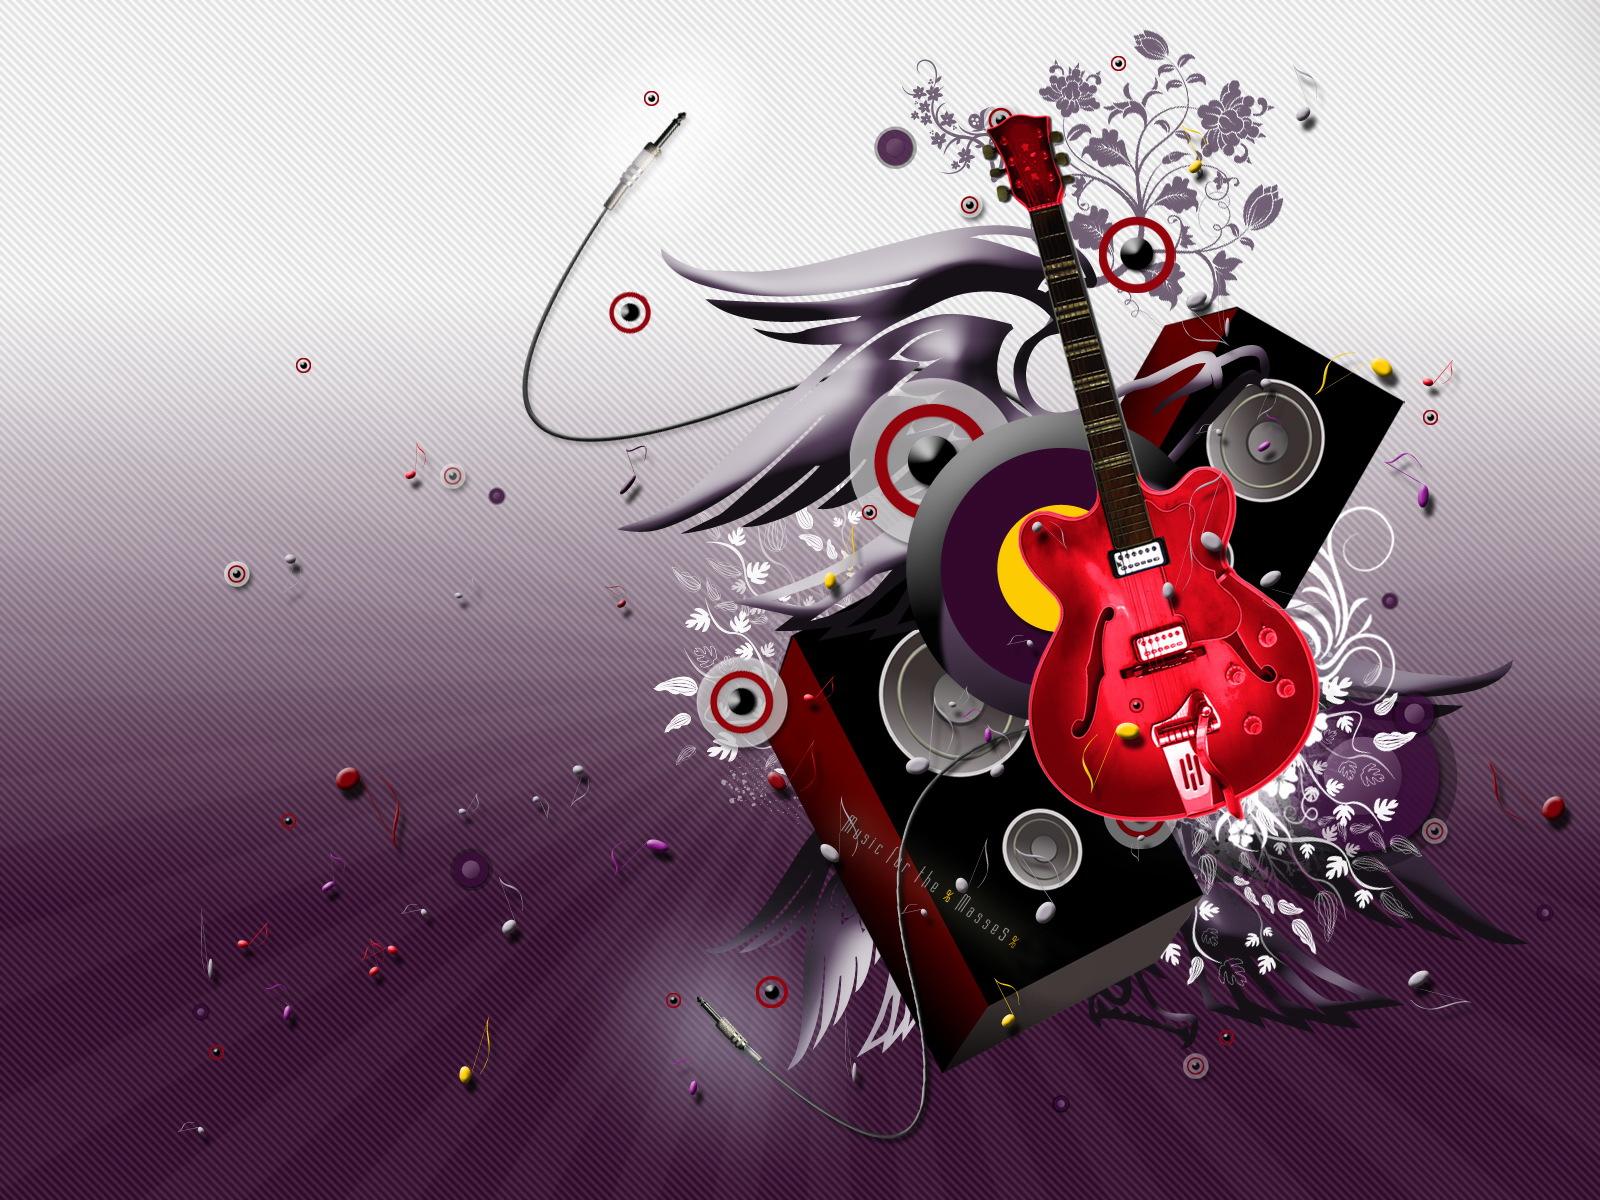 http://1.bp.blogspot.com/_Zw41kxI2akg/TA-NjuodAiI/AAAAAAAACYs/m1u7KL3lKOw/s1600/Instrumente_muzicale.jpg